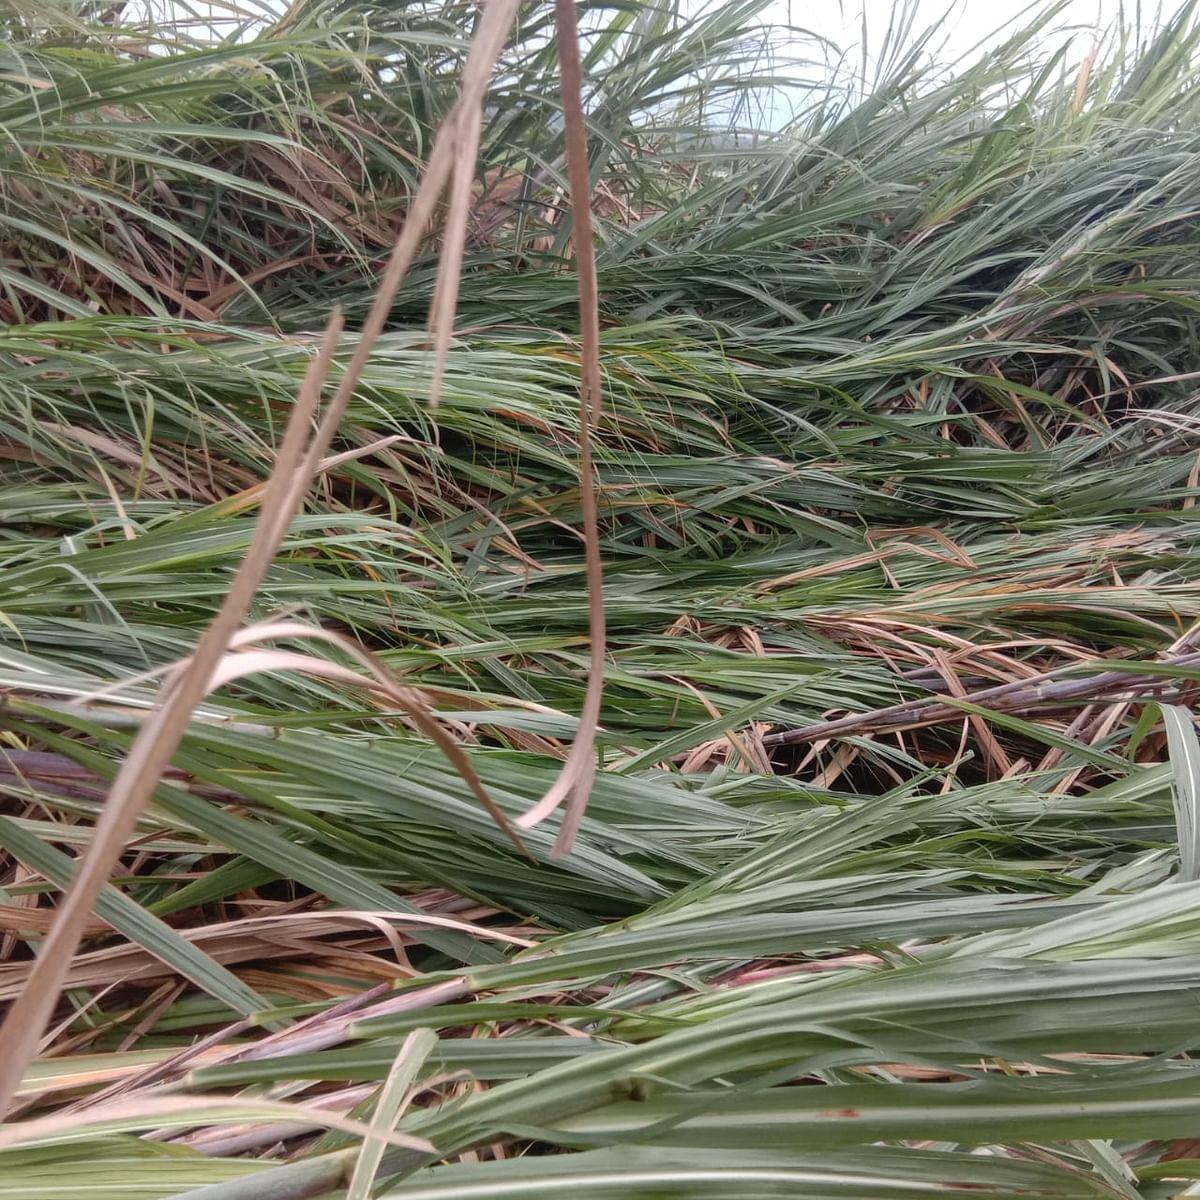 परतीच्या पावसाने झोडपले, पिकांचे मोठ्या प्रमाणात नुकसान